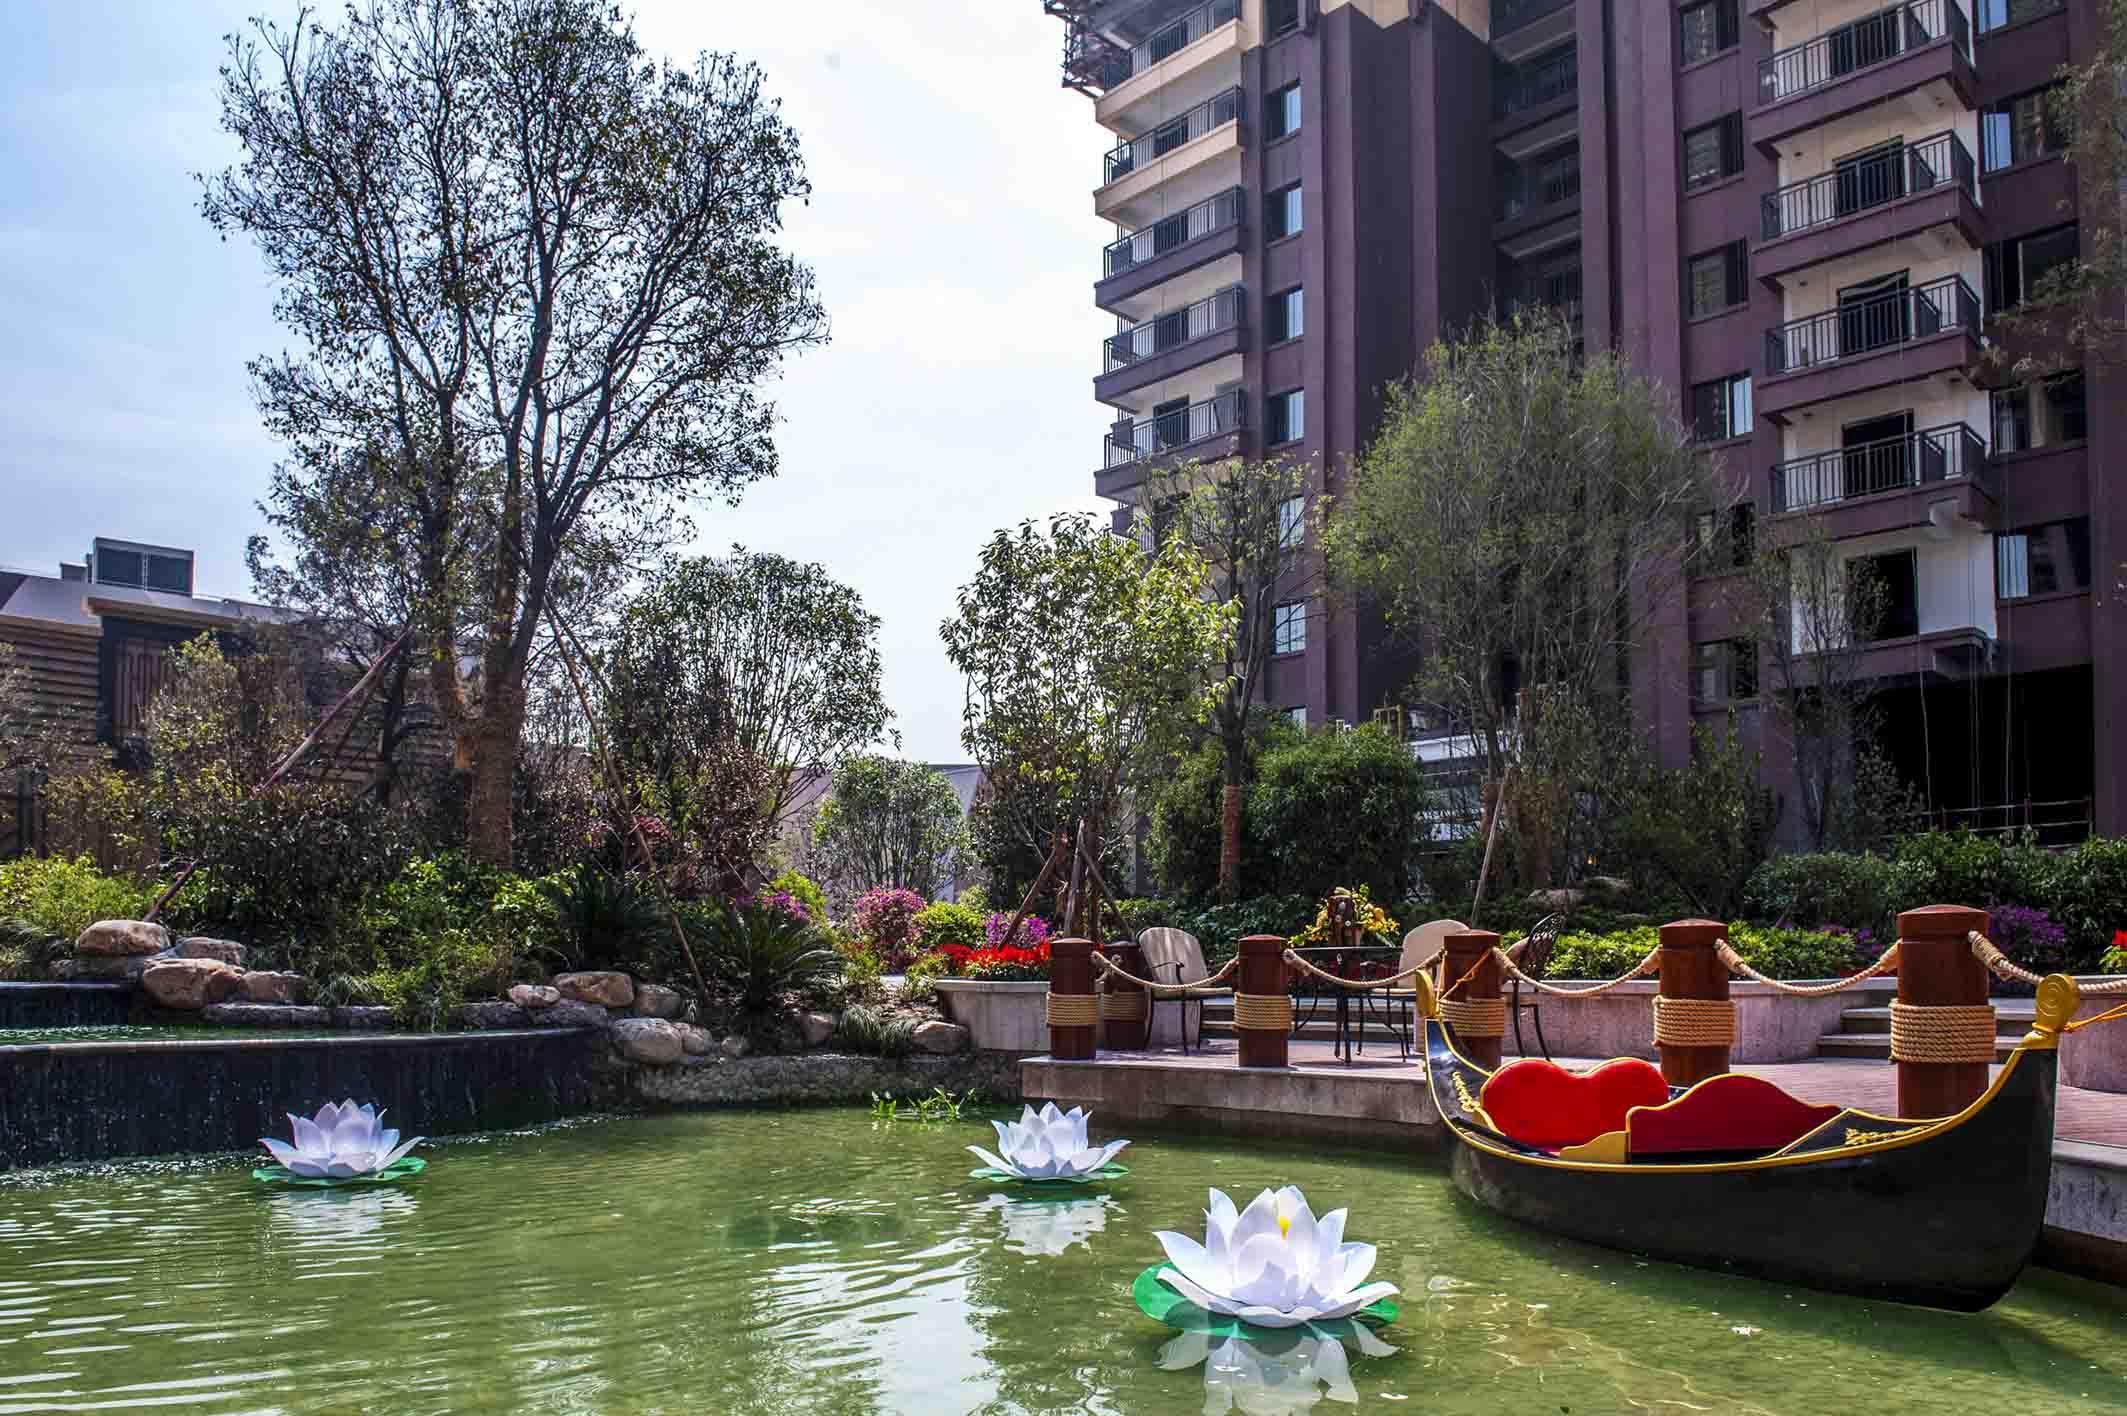 荆门万达广场金街样板段、C区样板段ballbet贝博登陆景观绿化工程